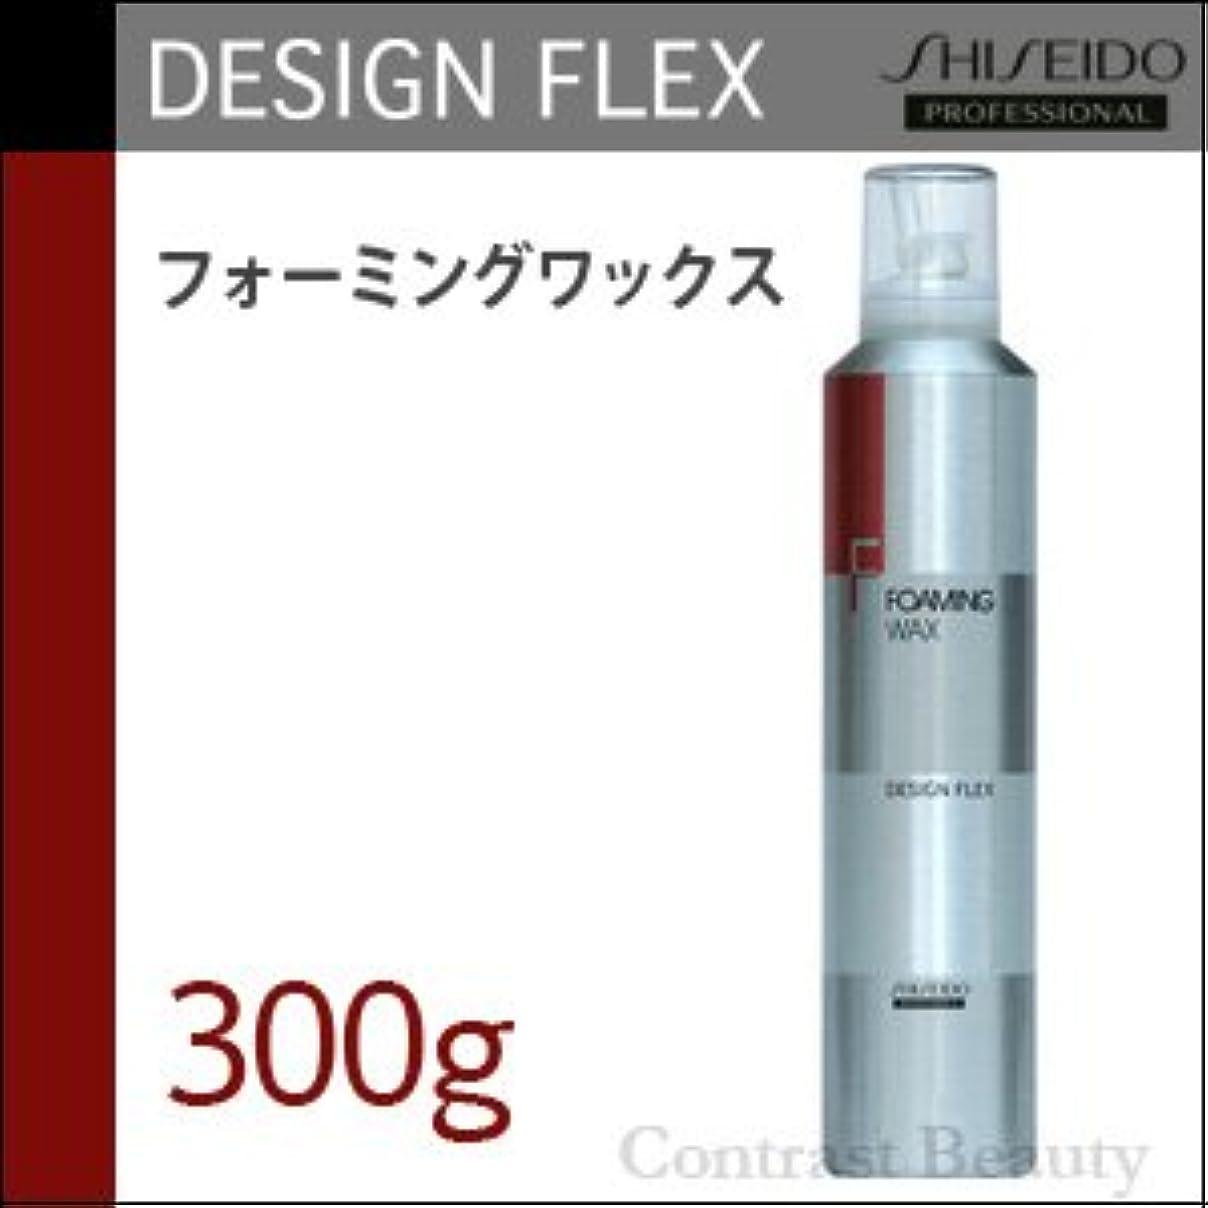 スピン頼る懲らしめ【x2個セット】 資生堂 デザインフレックス フォーミングワックス 300g